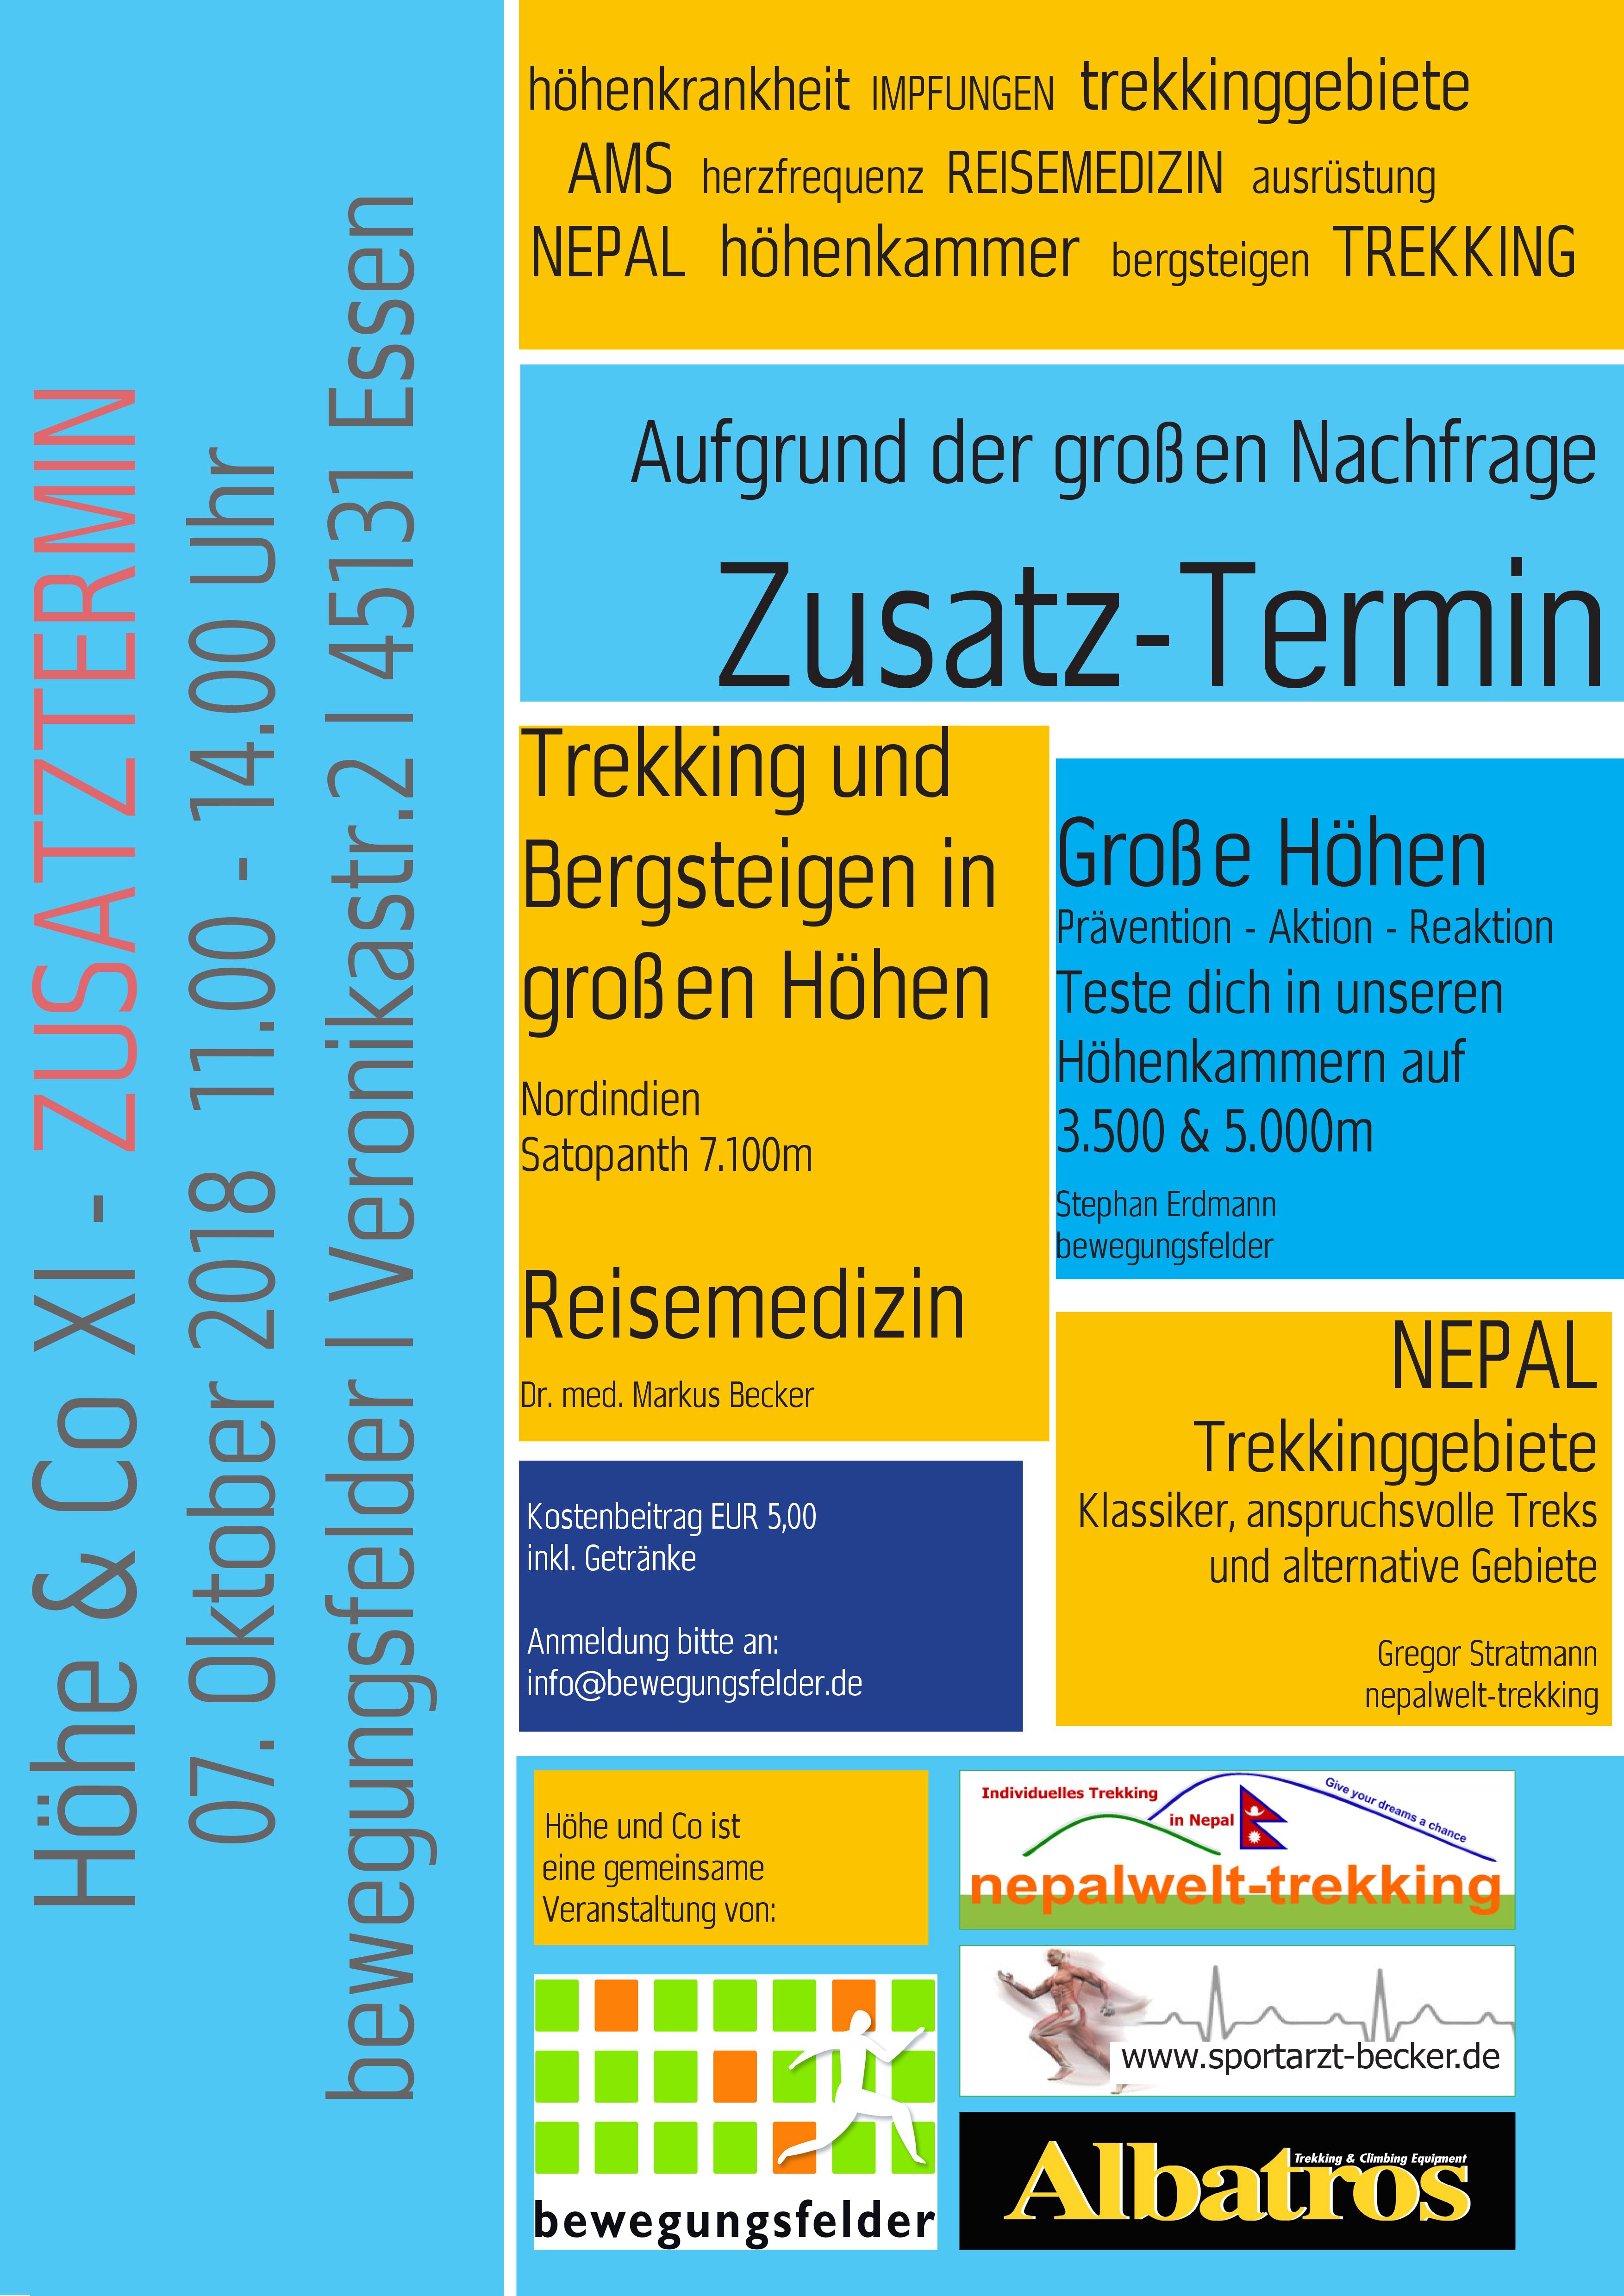 Zusatzveranstaltung am 7.10.18 aufgrund großer Nachfrage: Höhe & Co Nr. XI